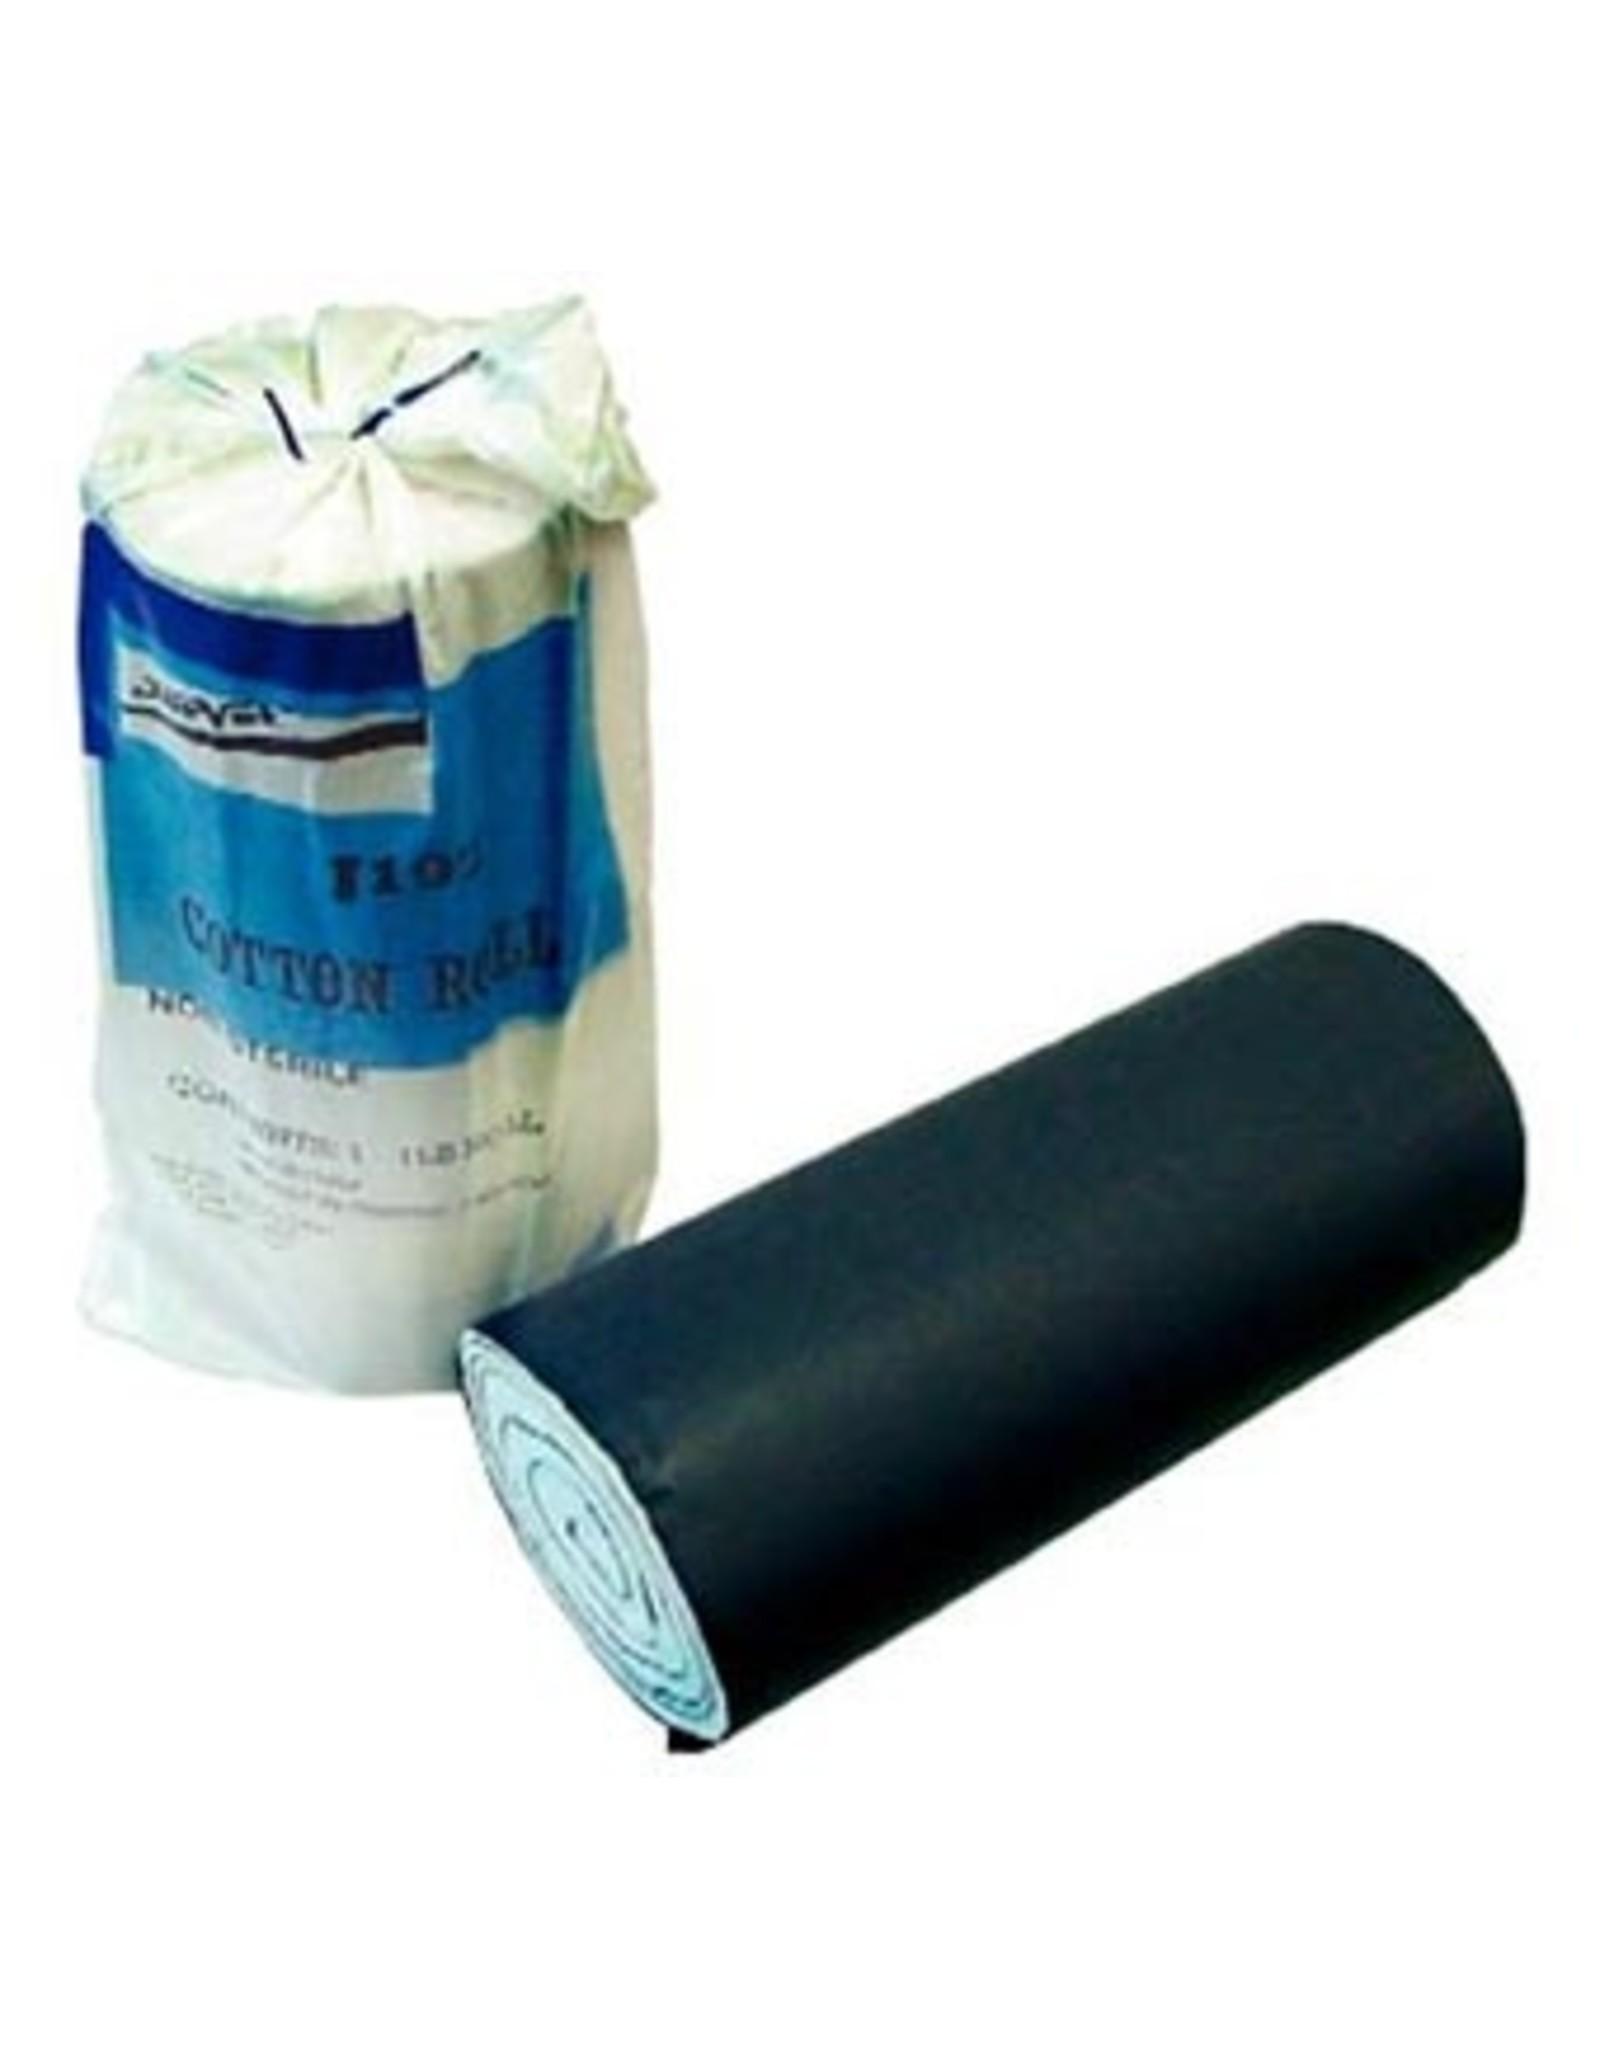 Jorgensen Cotton Roll